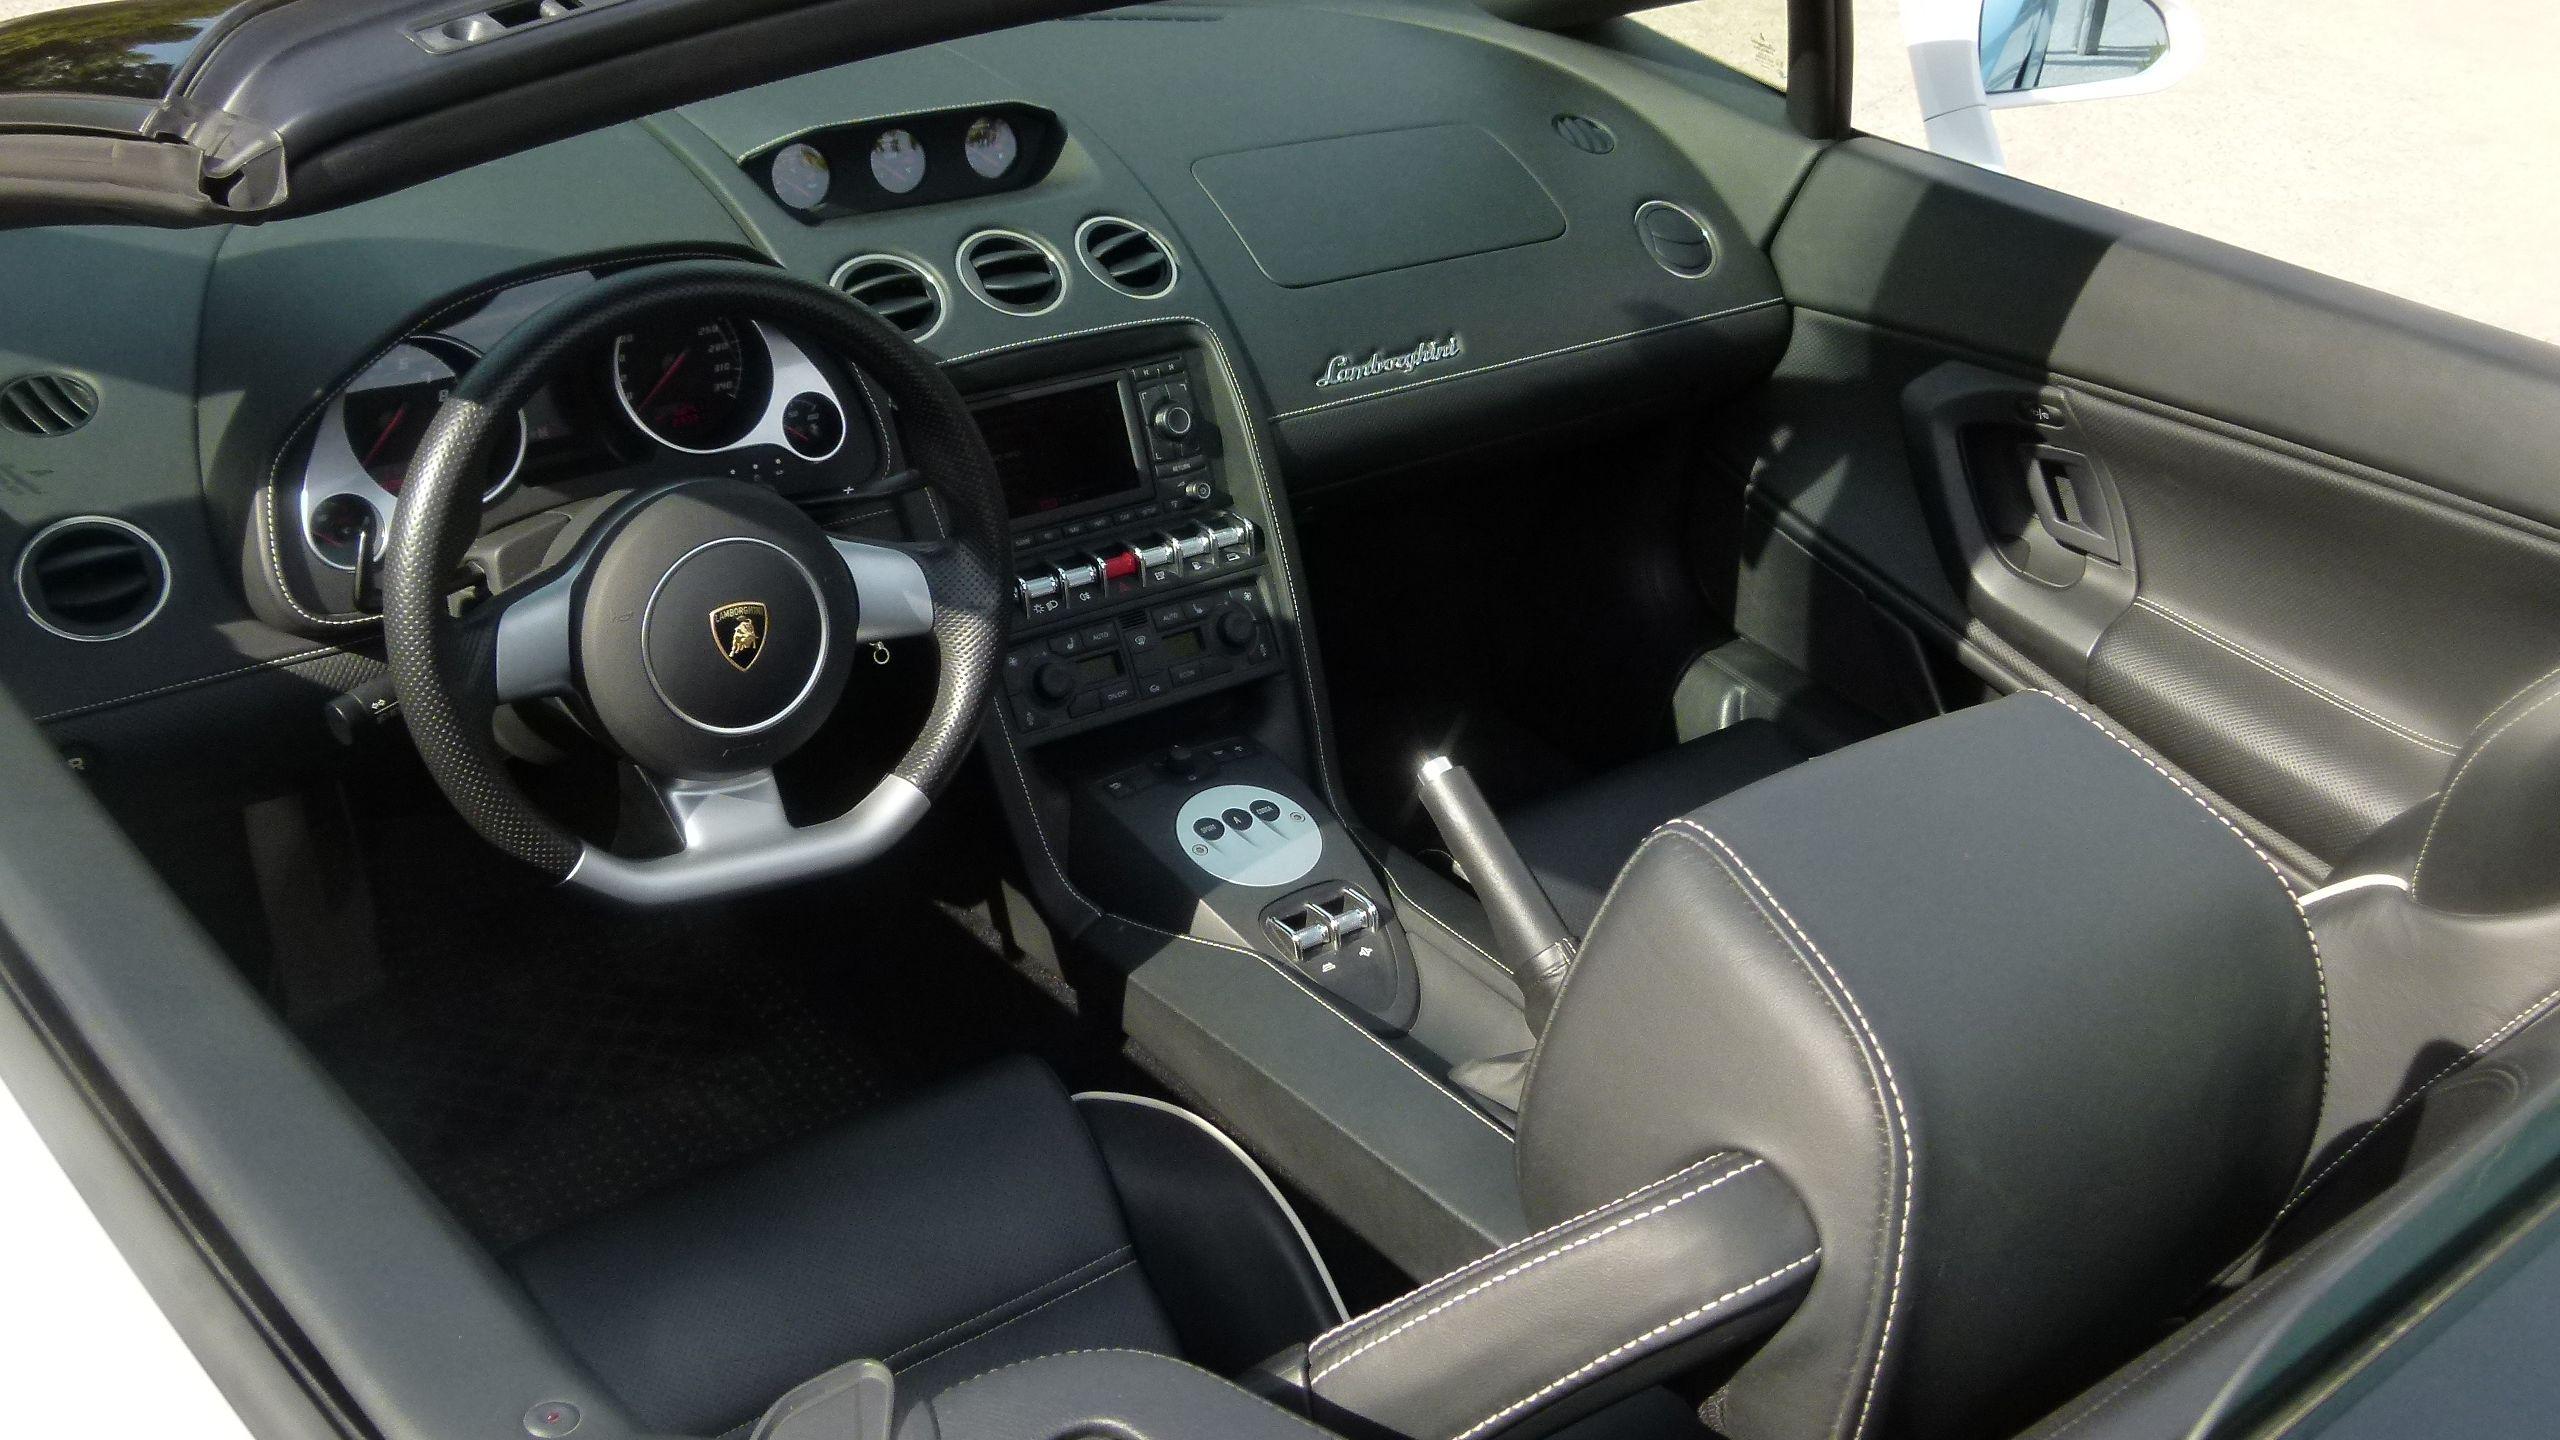 Interior of a Lamborghini in Monaco